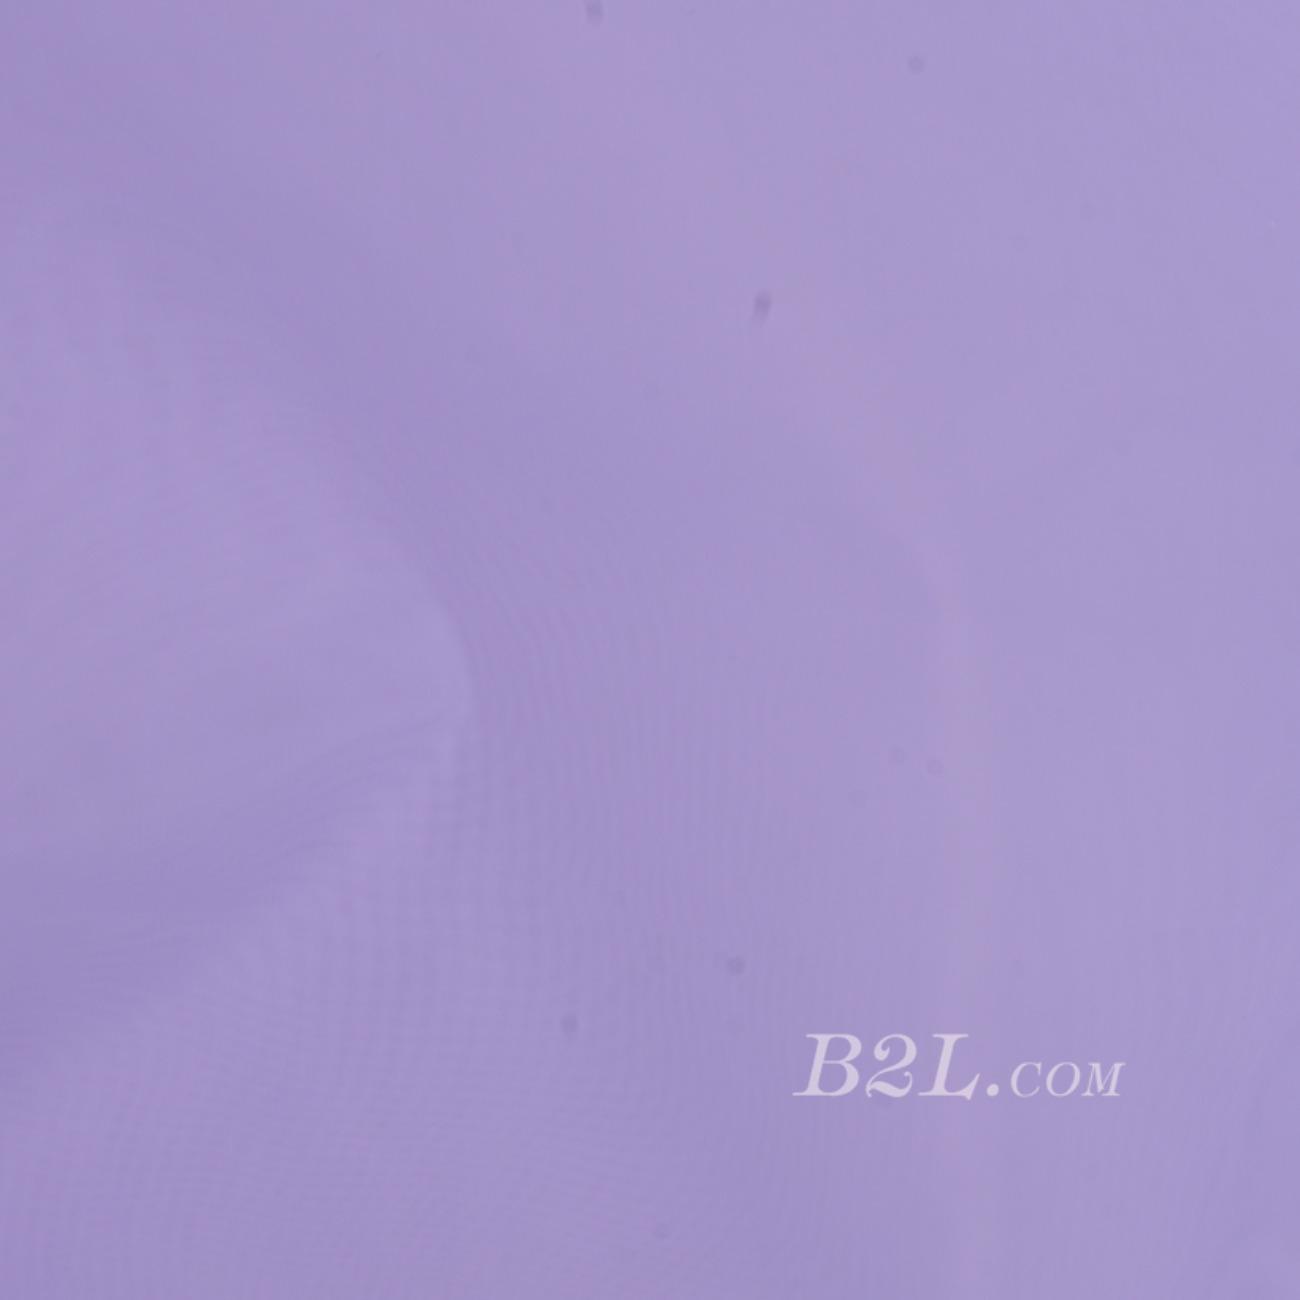 素色 梭织 低弹 薄 柔软 光滑 春夏 连衣裙 T恤 女装 外套 短裙 风衣 81118-39